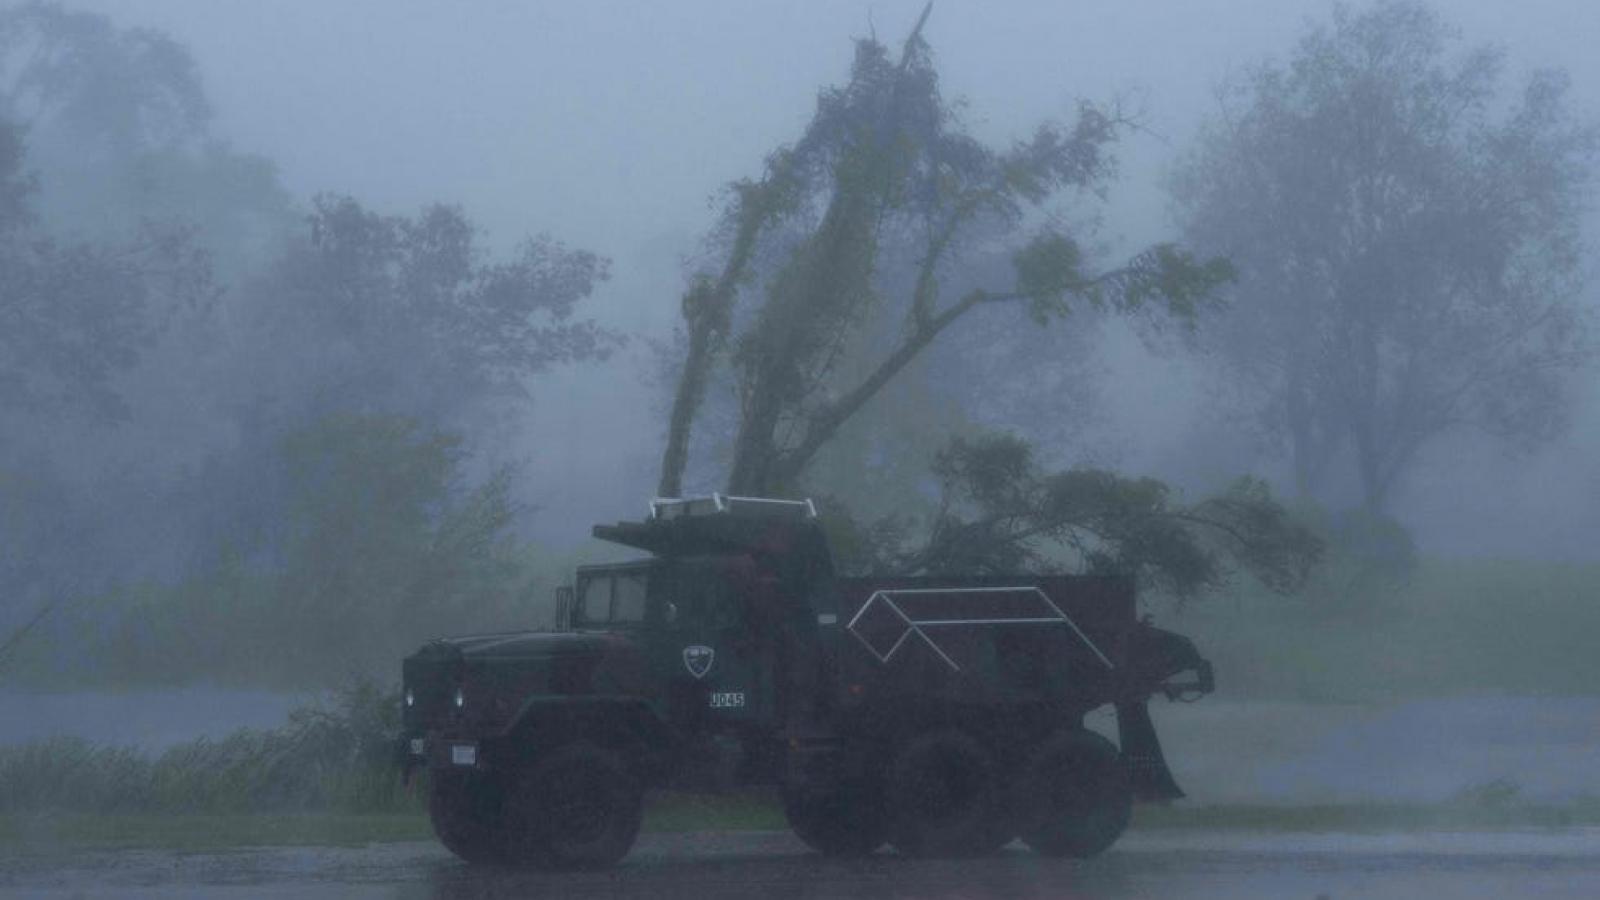 1 triệu người ở Louisiana (Mỹ) không có điện sinh hoạt sau khi bão Ida đổ bộ